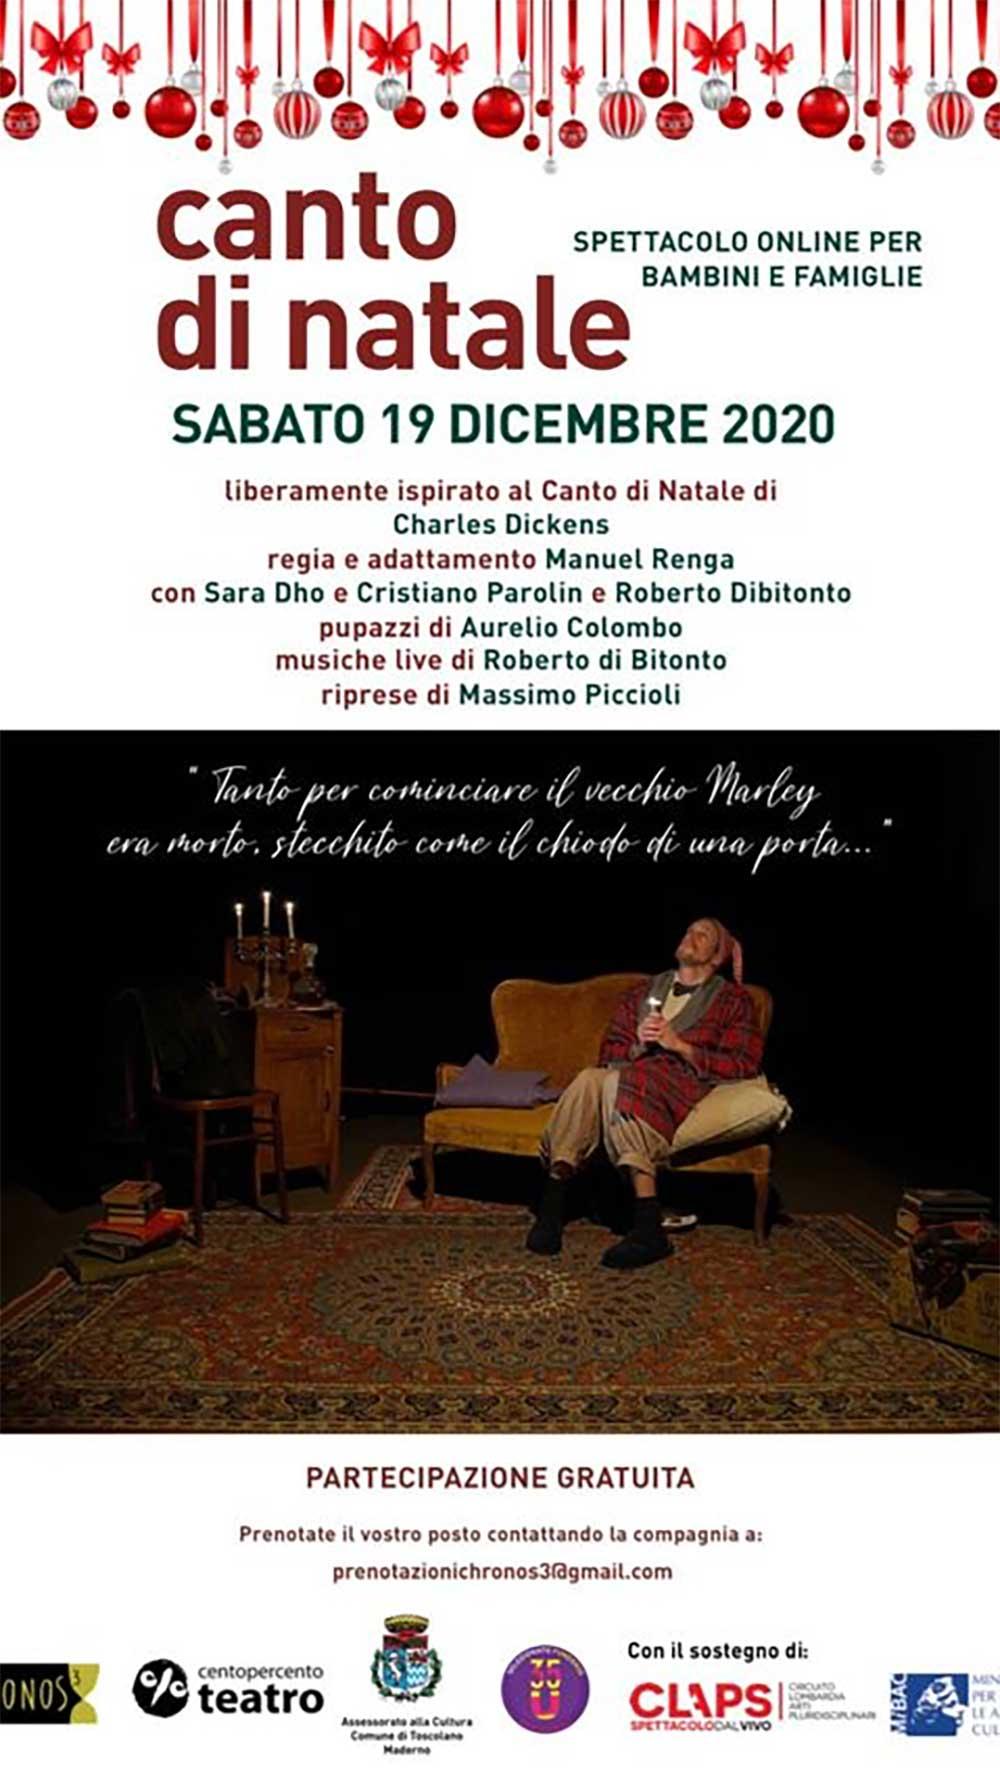 Canto-di-Natale-chronos3-circuito-contemporaneo-191220